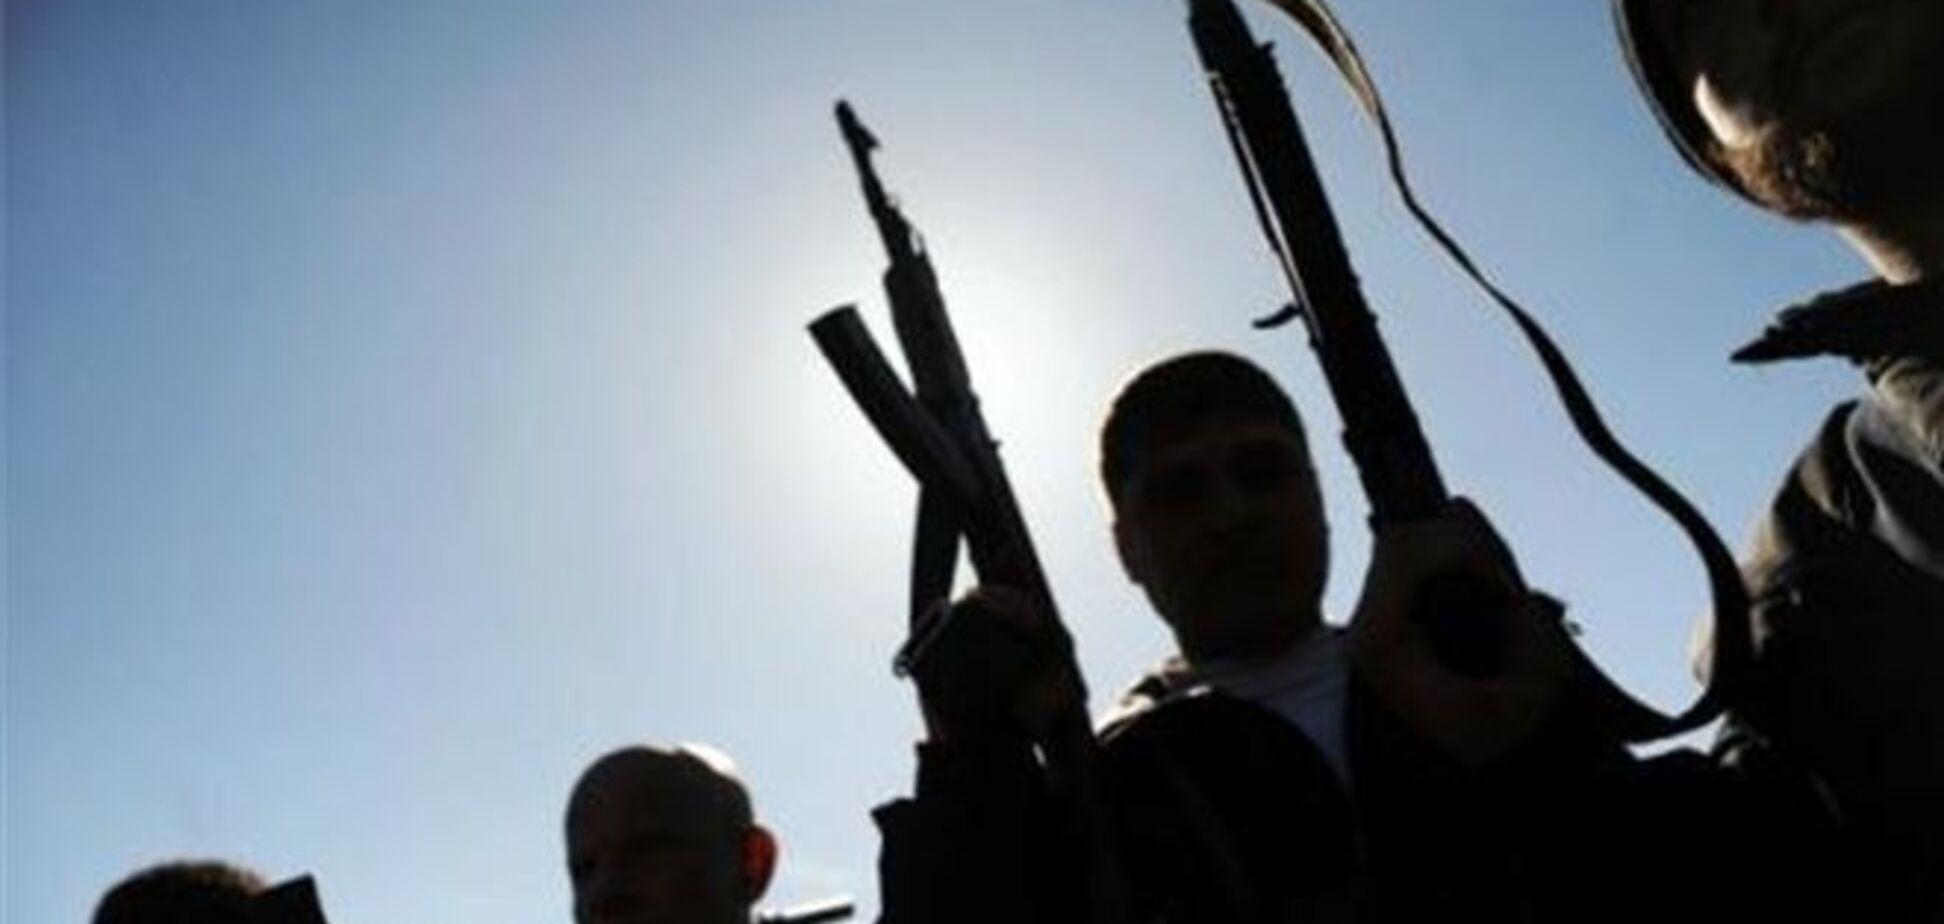 Українці в Сирії не воюють - МЗС України